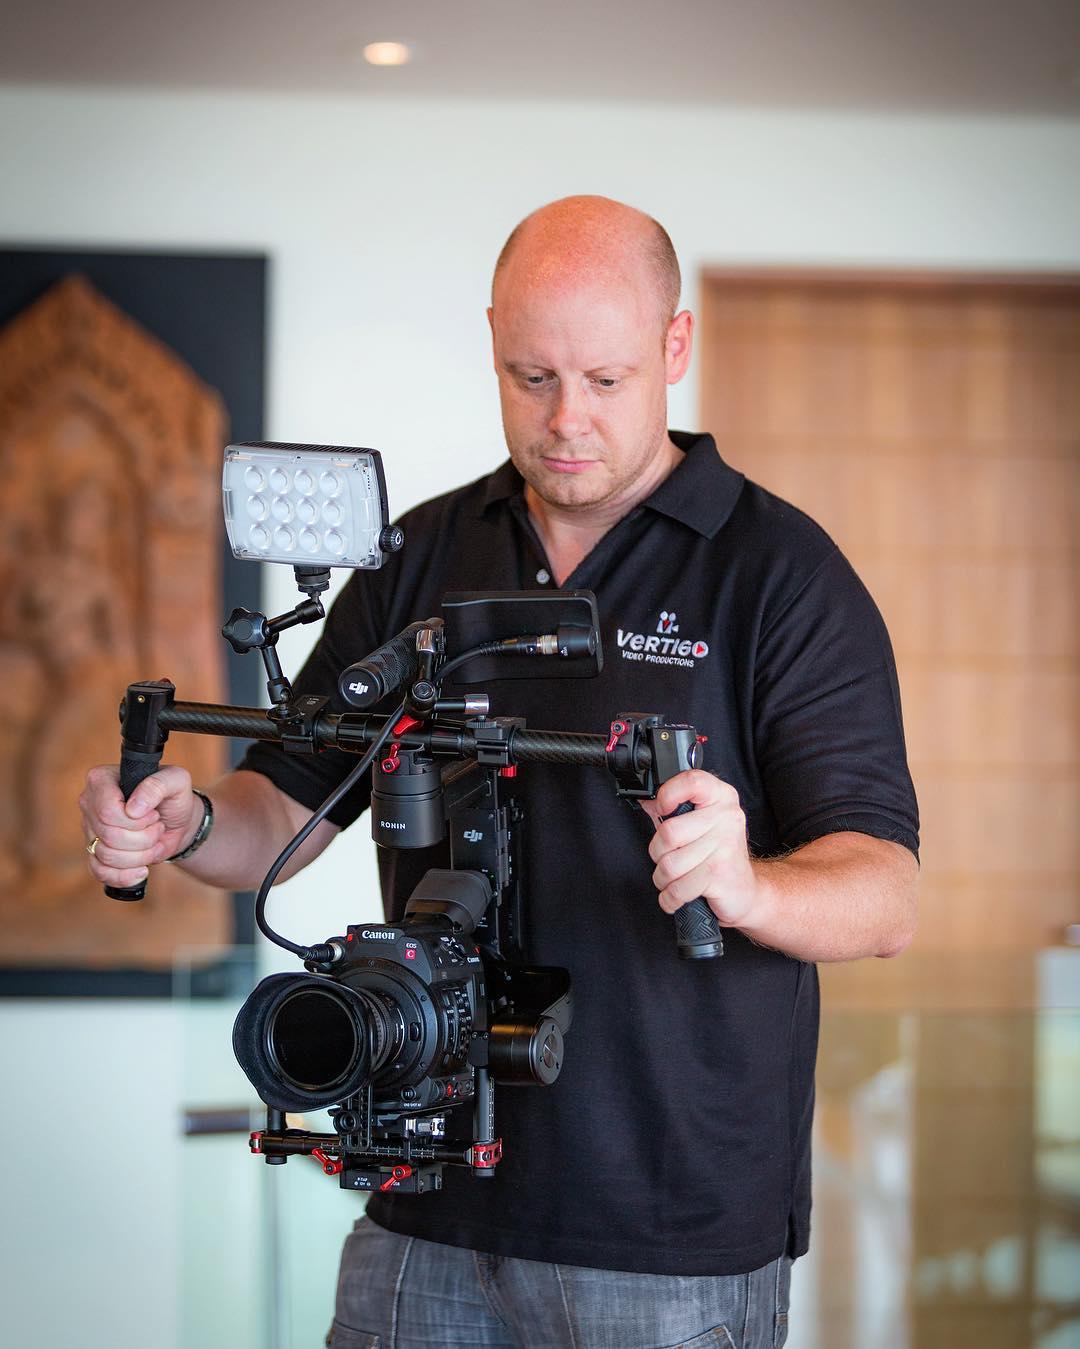 Gear: Canon C200 Cinema Camera (4K) with DJI Ronin-M stabiliser